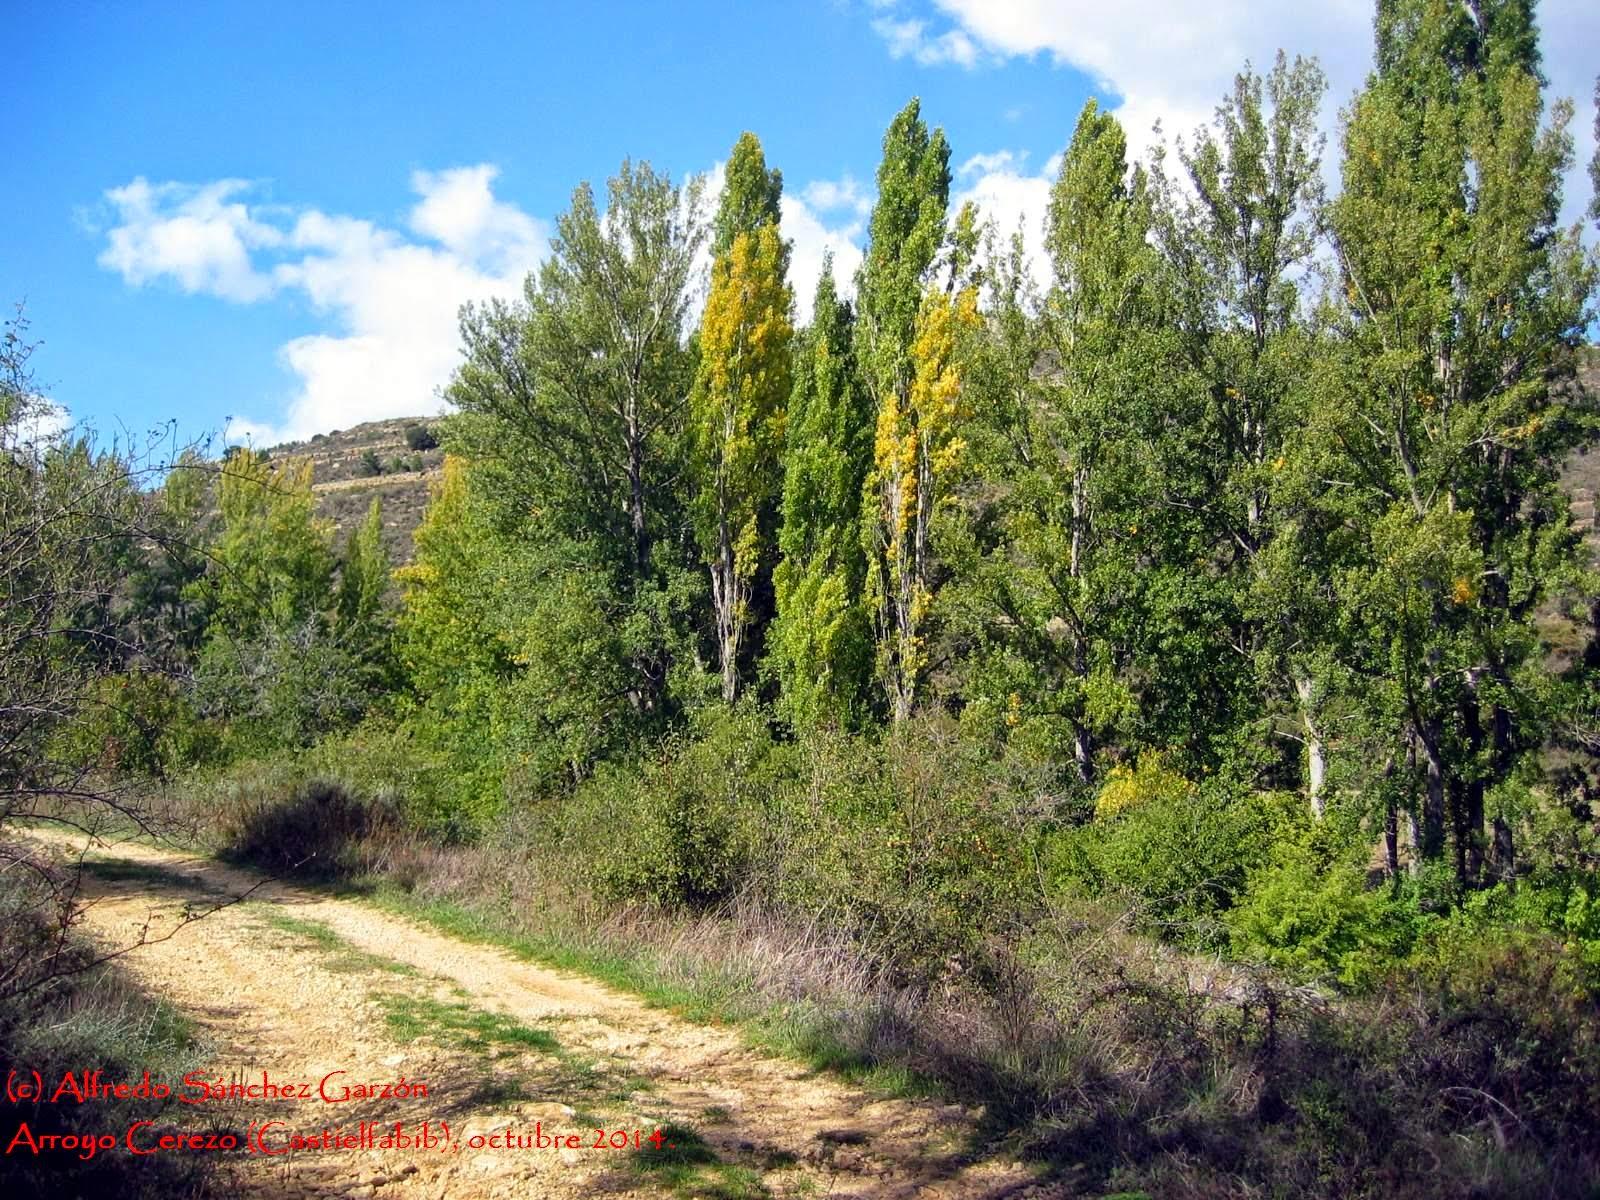 castielfabib-arroyo-cerezo-camino